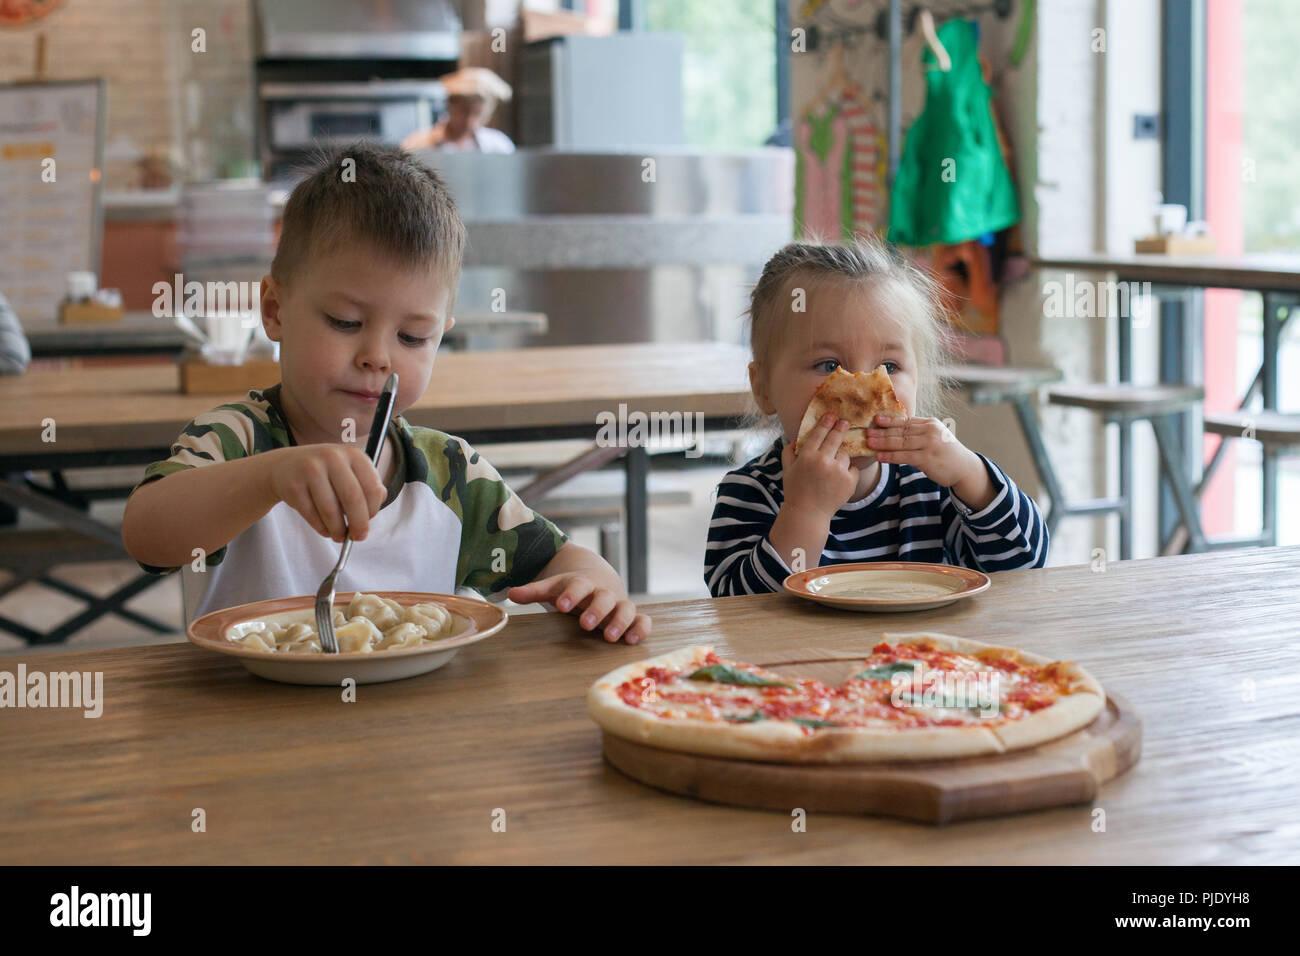 Les enfants peuvent manger des pizzas et de beignets de viande cafe. Les enfants de manger des aliments malsains à l'intérieur. Frères et sœurs dans le café, des vacances en famille concept. Photo Stock